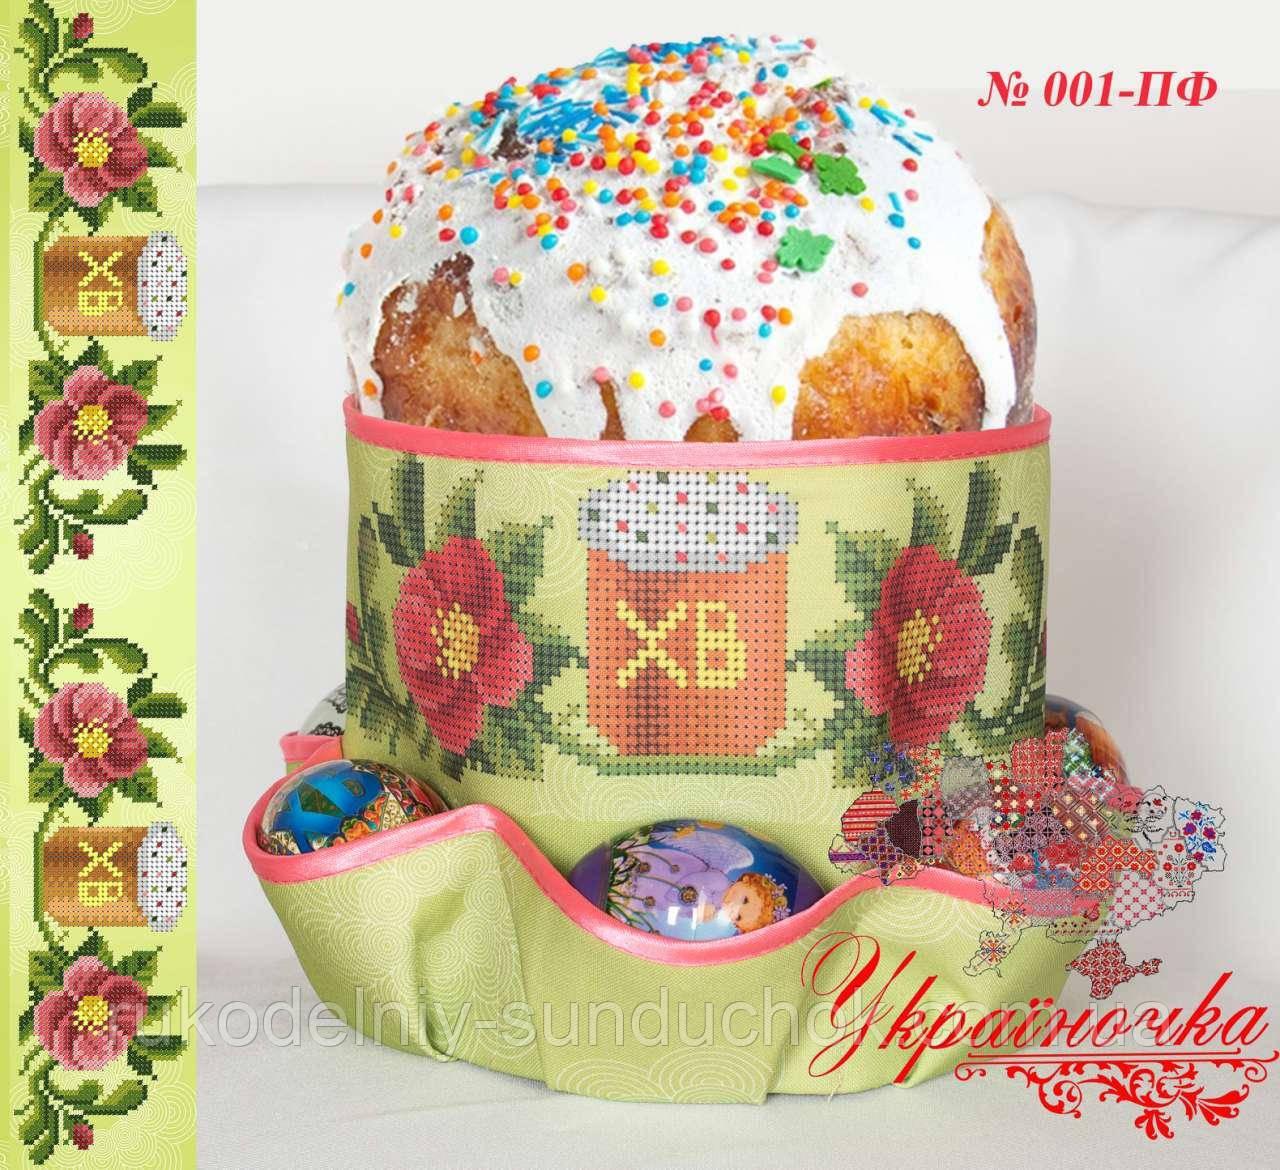 Набір для вишивання бісером Великодній декоративна підставка ТМ Україночка 001-ПФ